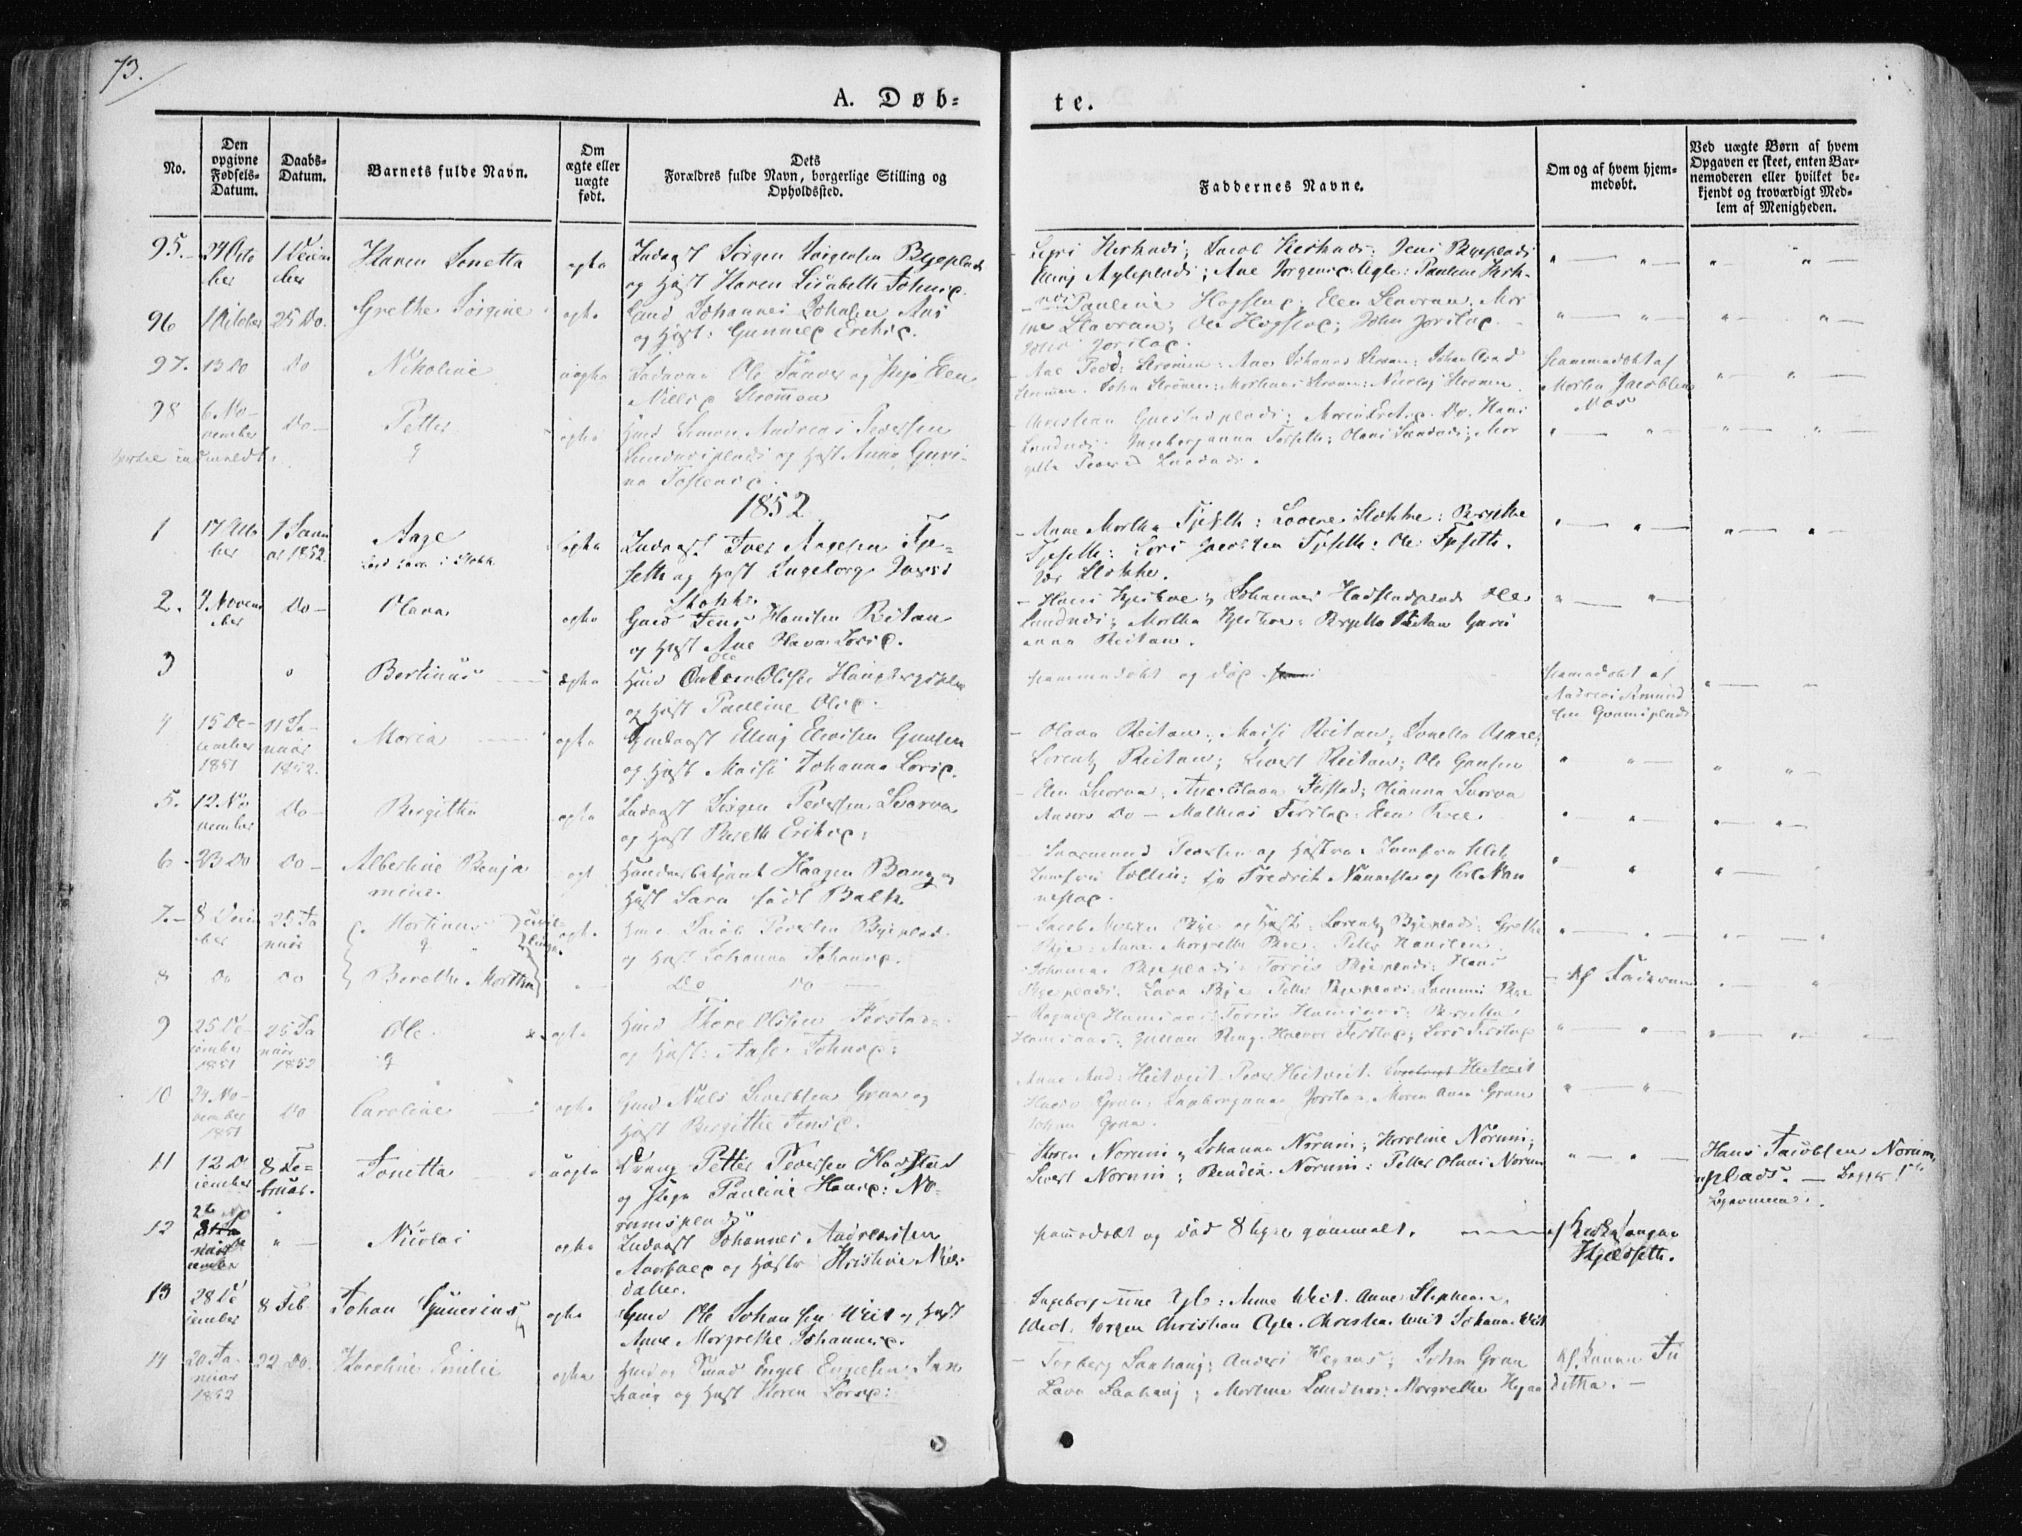 SAT, Ministerialprotokoller, klokkerbøker og fødselsregistre - Nord-Trøndelag, 730/L0280: Ministerialbok nr. 730A07 /1, 1840-1854, s. 73